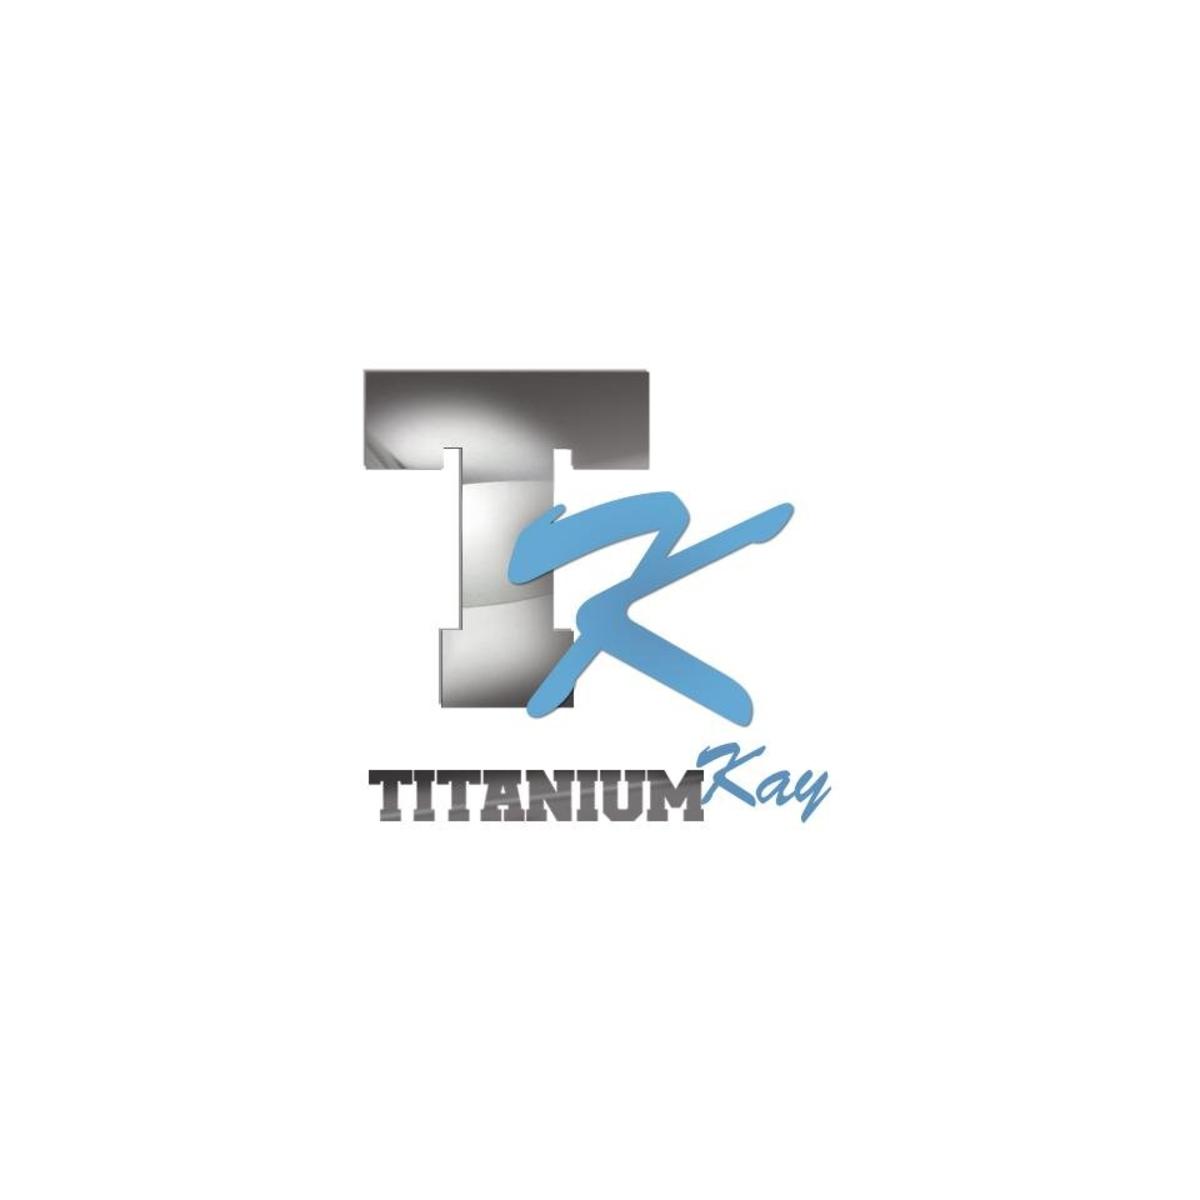 Titanium Kay